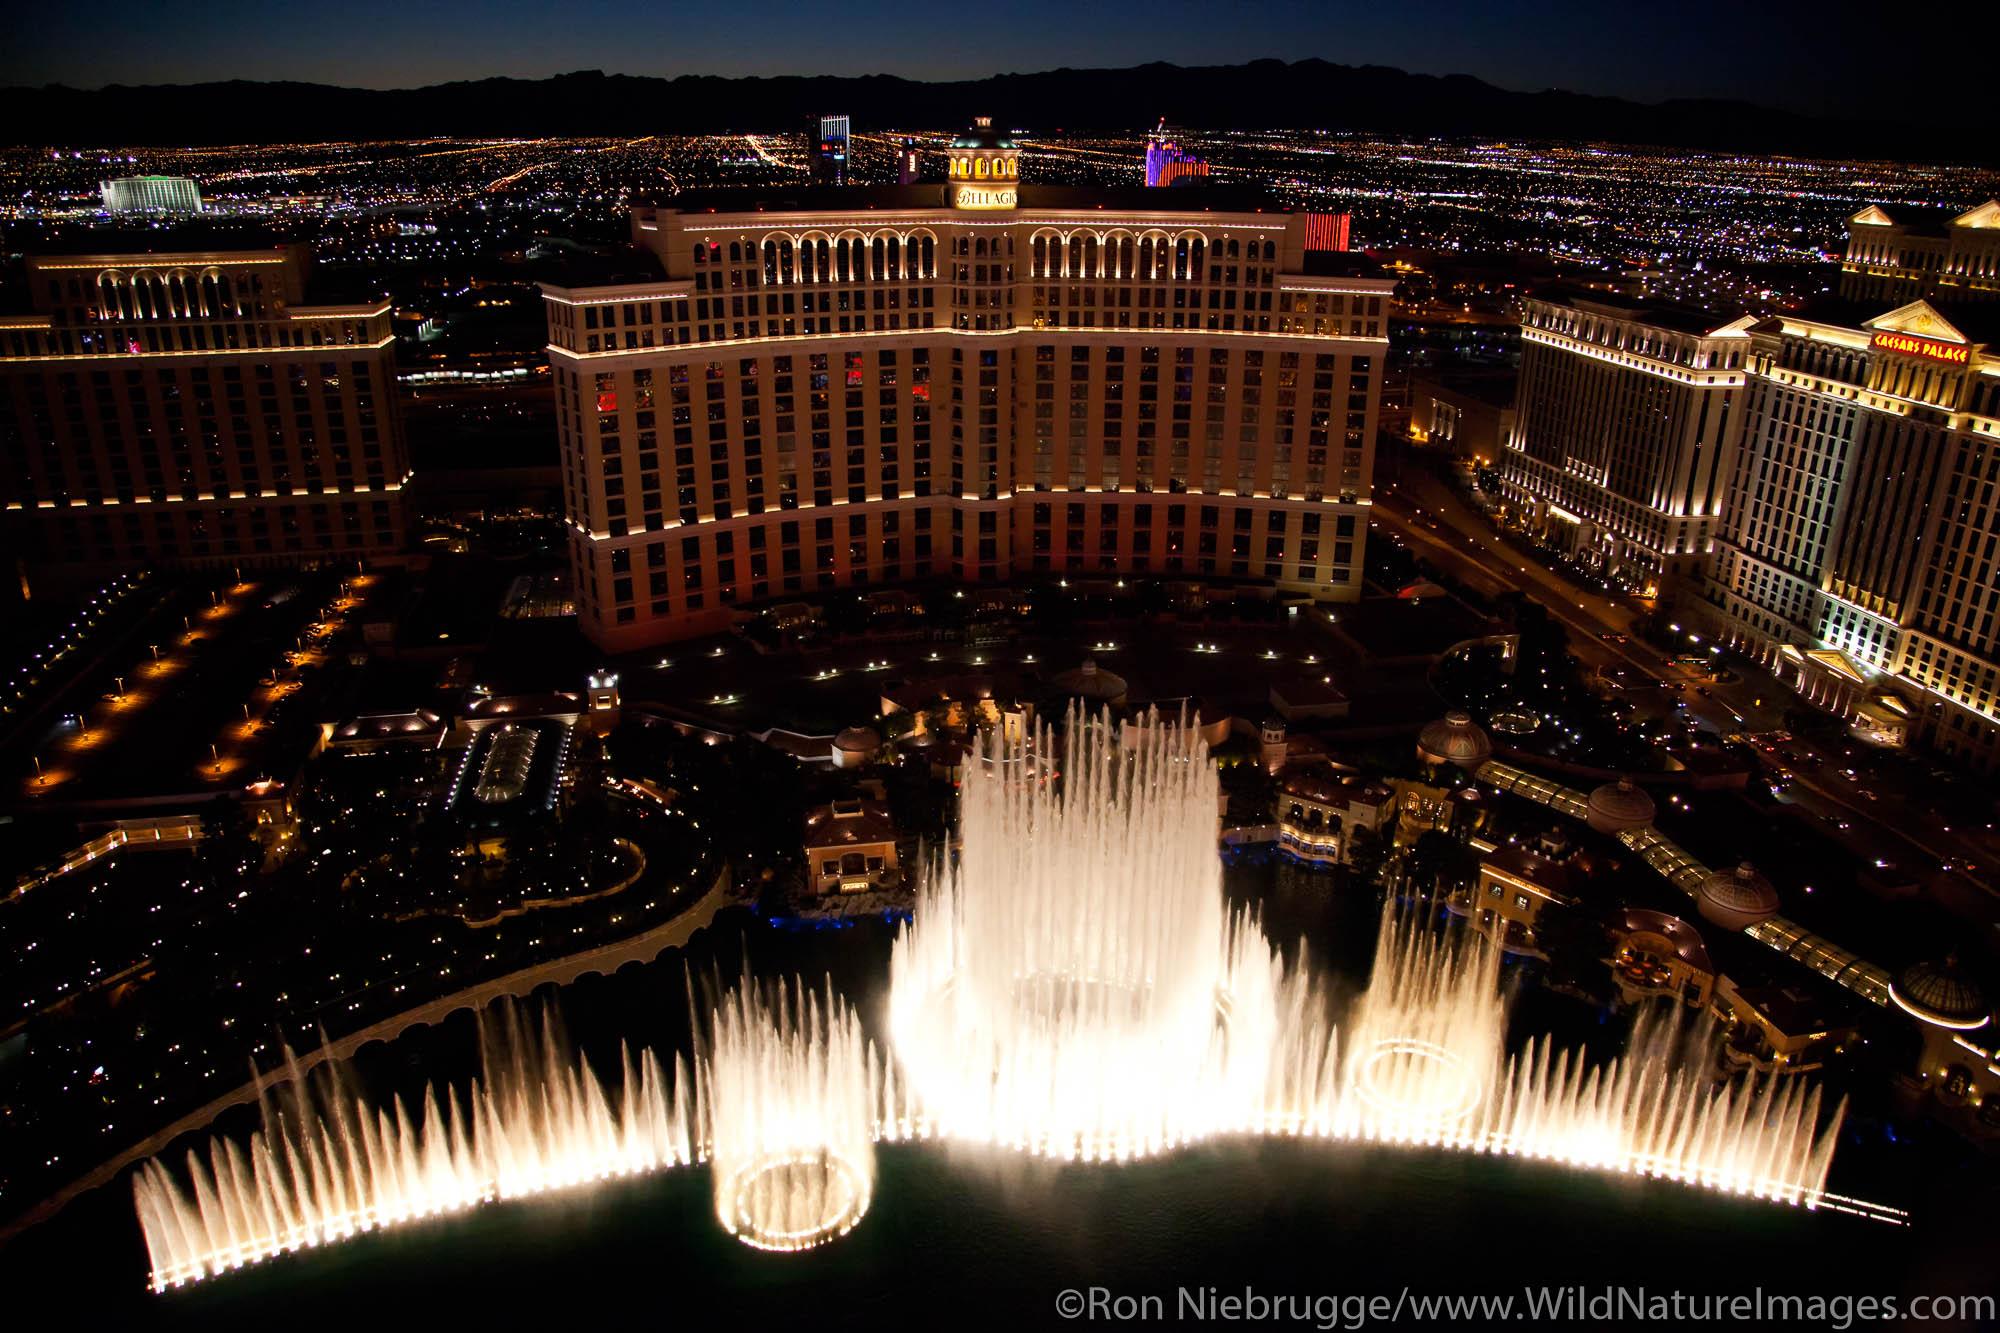 Fountains of Bellagio, Bellagio Resort and Casino, Las Vegas, NV